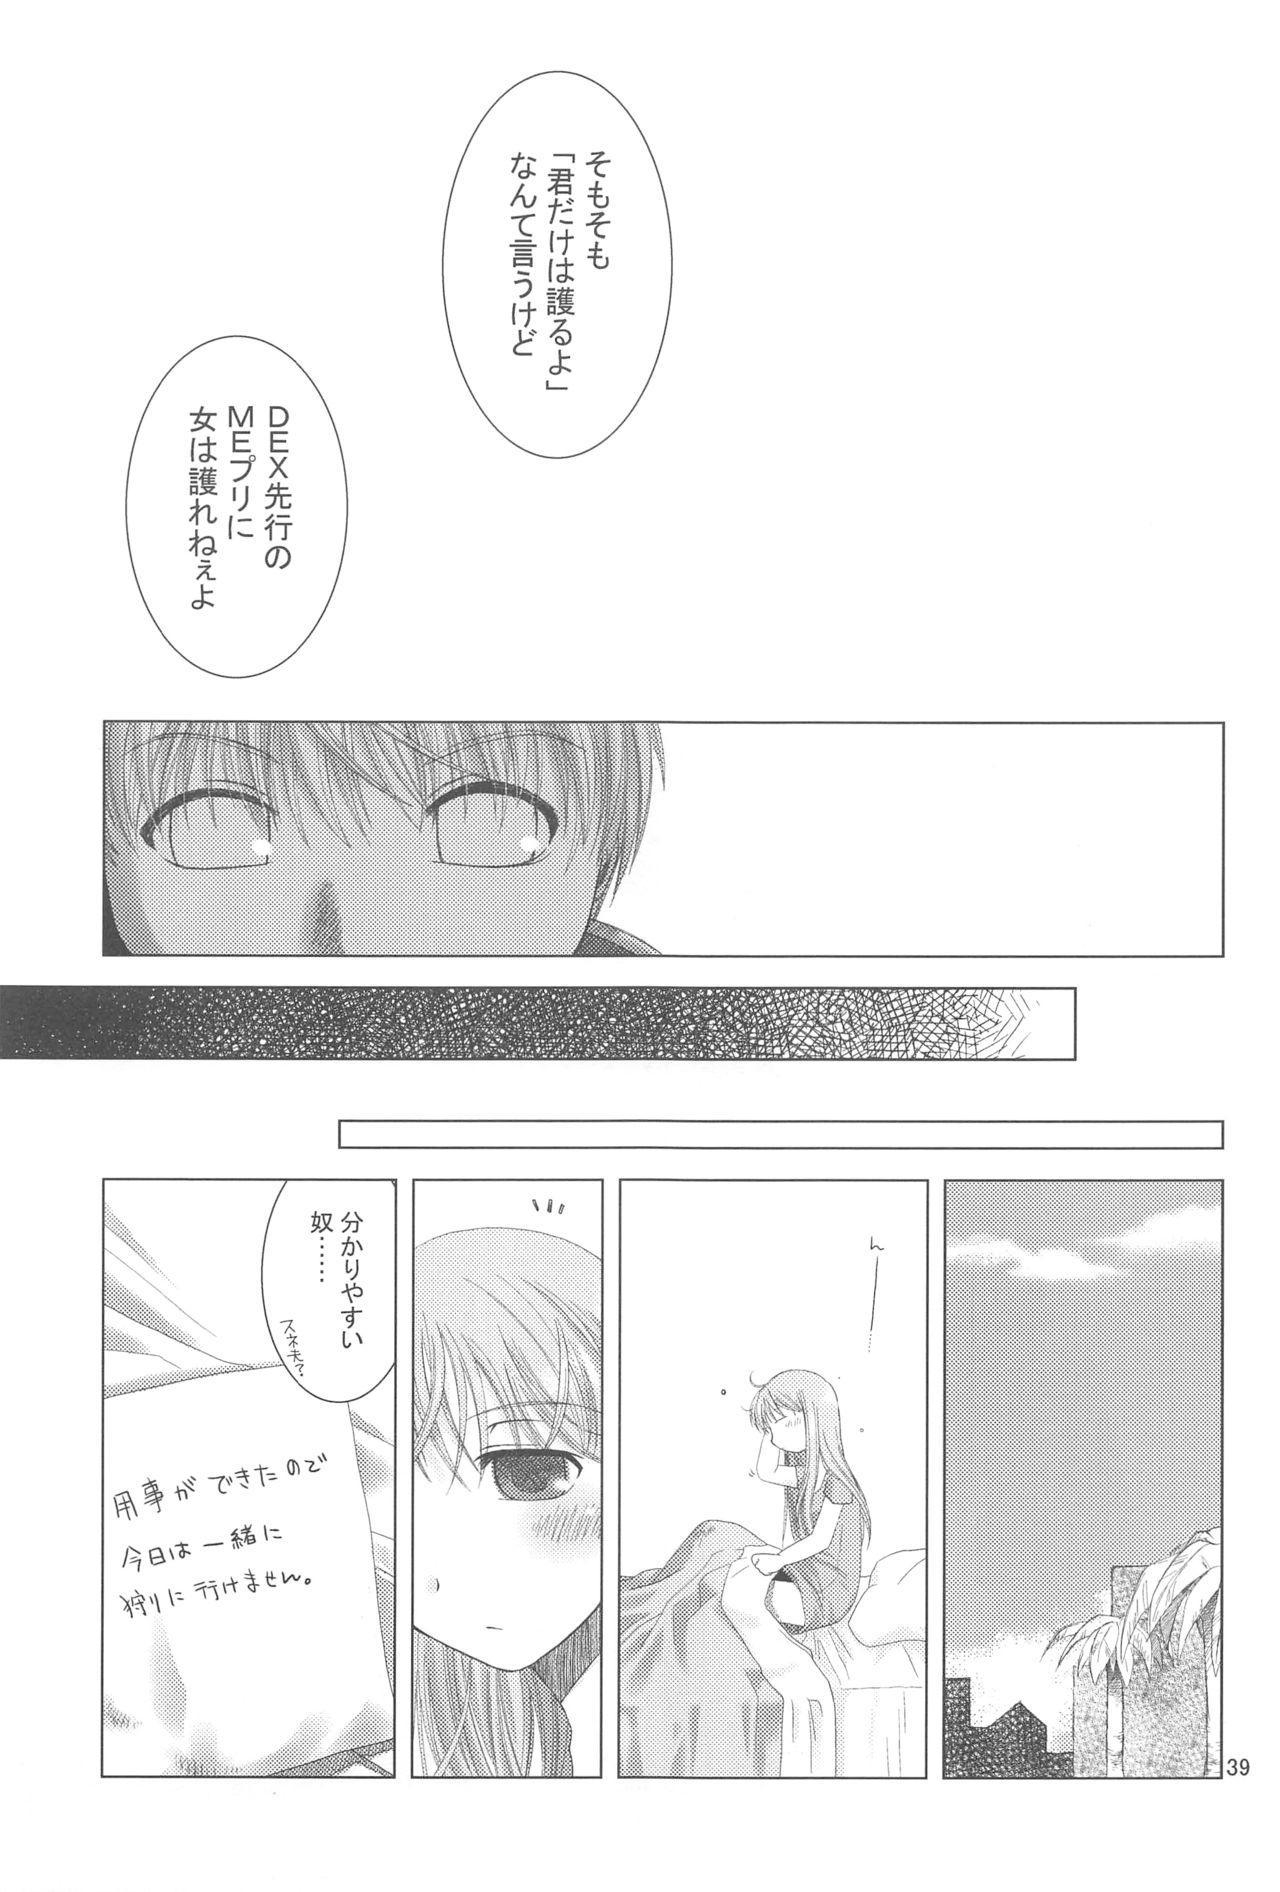 Quagmire no Chuushin de, Shuuchuuryoku Koujou to Sakebu 37